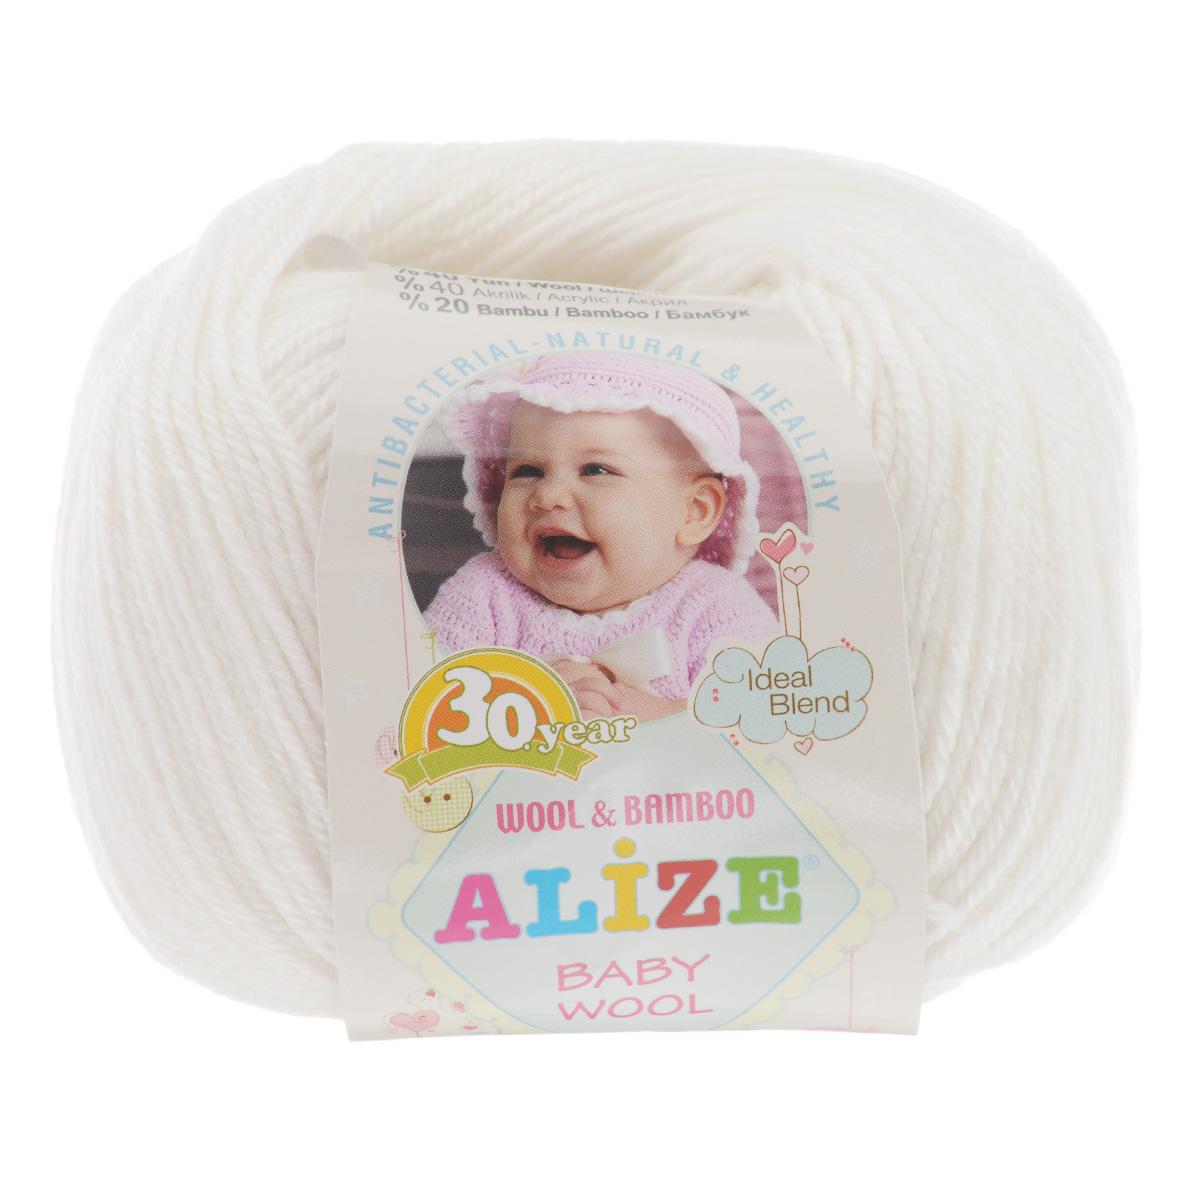 Пряжа для вязания Alize Baby Wool, цвет: белый (55), 175 м, 50 г, 10 шт686501_55Детская пряжа для вязания Alize Baby Wool изготовлена из очень мягкой и высококачественной натуральной шерсти и бамбука. Из пряжи Baby Wool получается тонкий, но очень теплый трикотаж для ребенка. Акрил в составе нитей допускает легкую машинную стирку вещей. Цветовая палитра включает в себя комбинации, которые подходят как для мальчиков, так и для девочек. Рекомендуемые для вязания спицы 2,5-4 мм и крючки 1-3 мм. Состав: 40% шерсть, 40% акрил, 20% бамбук.